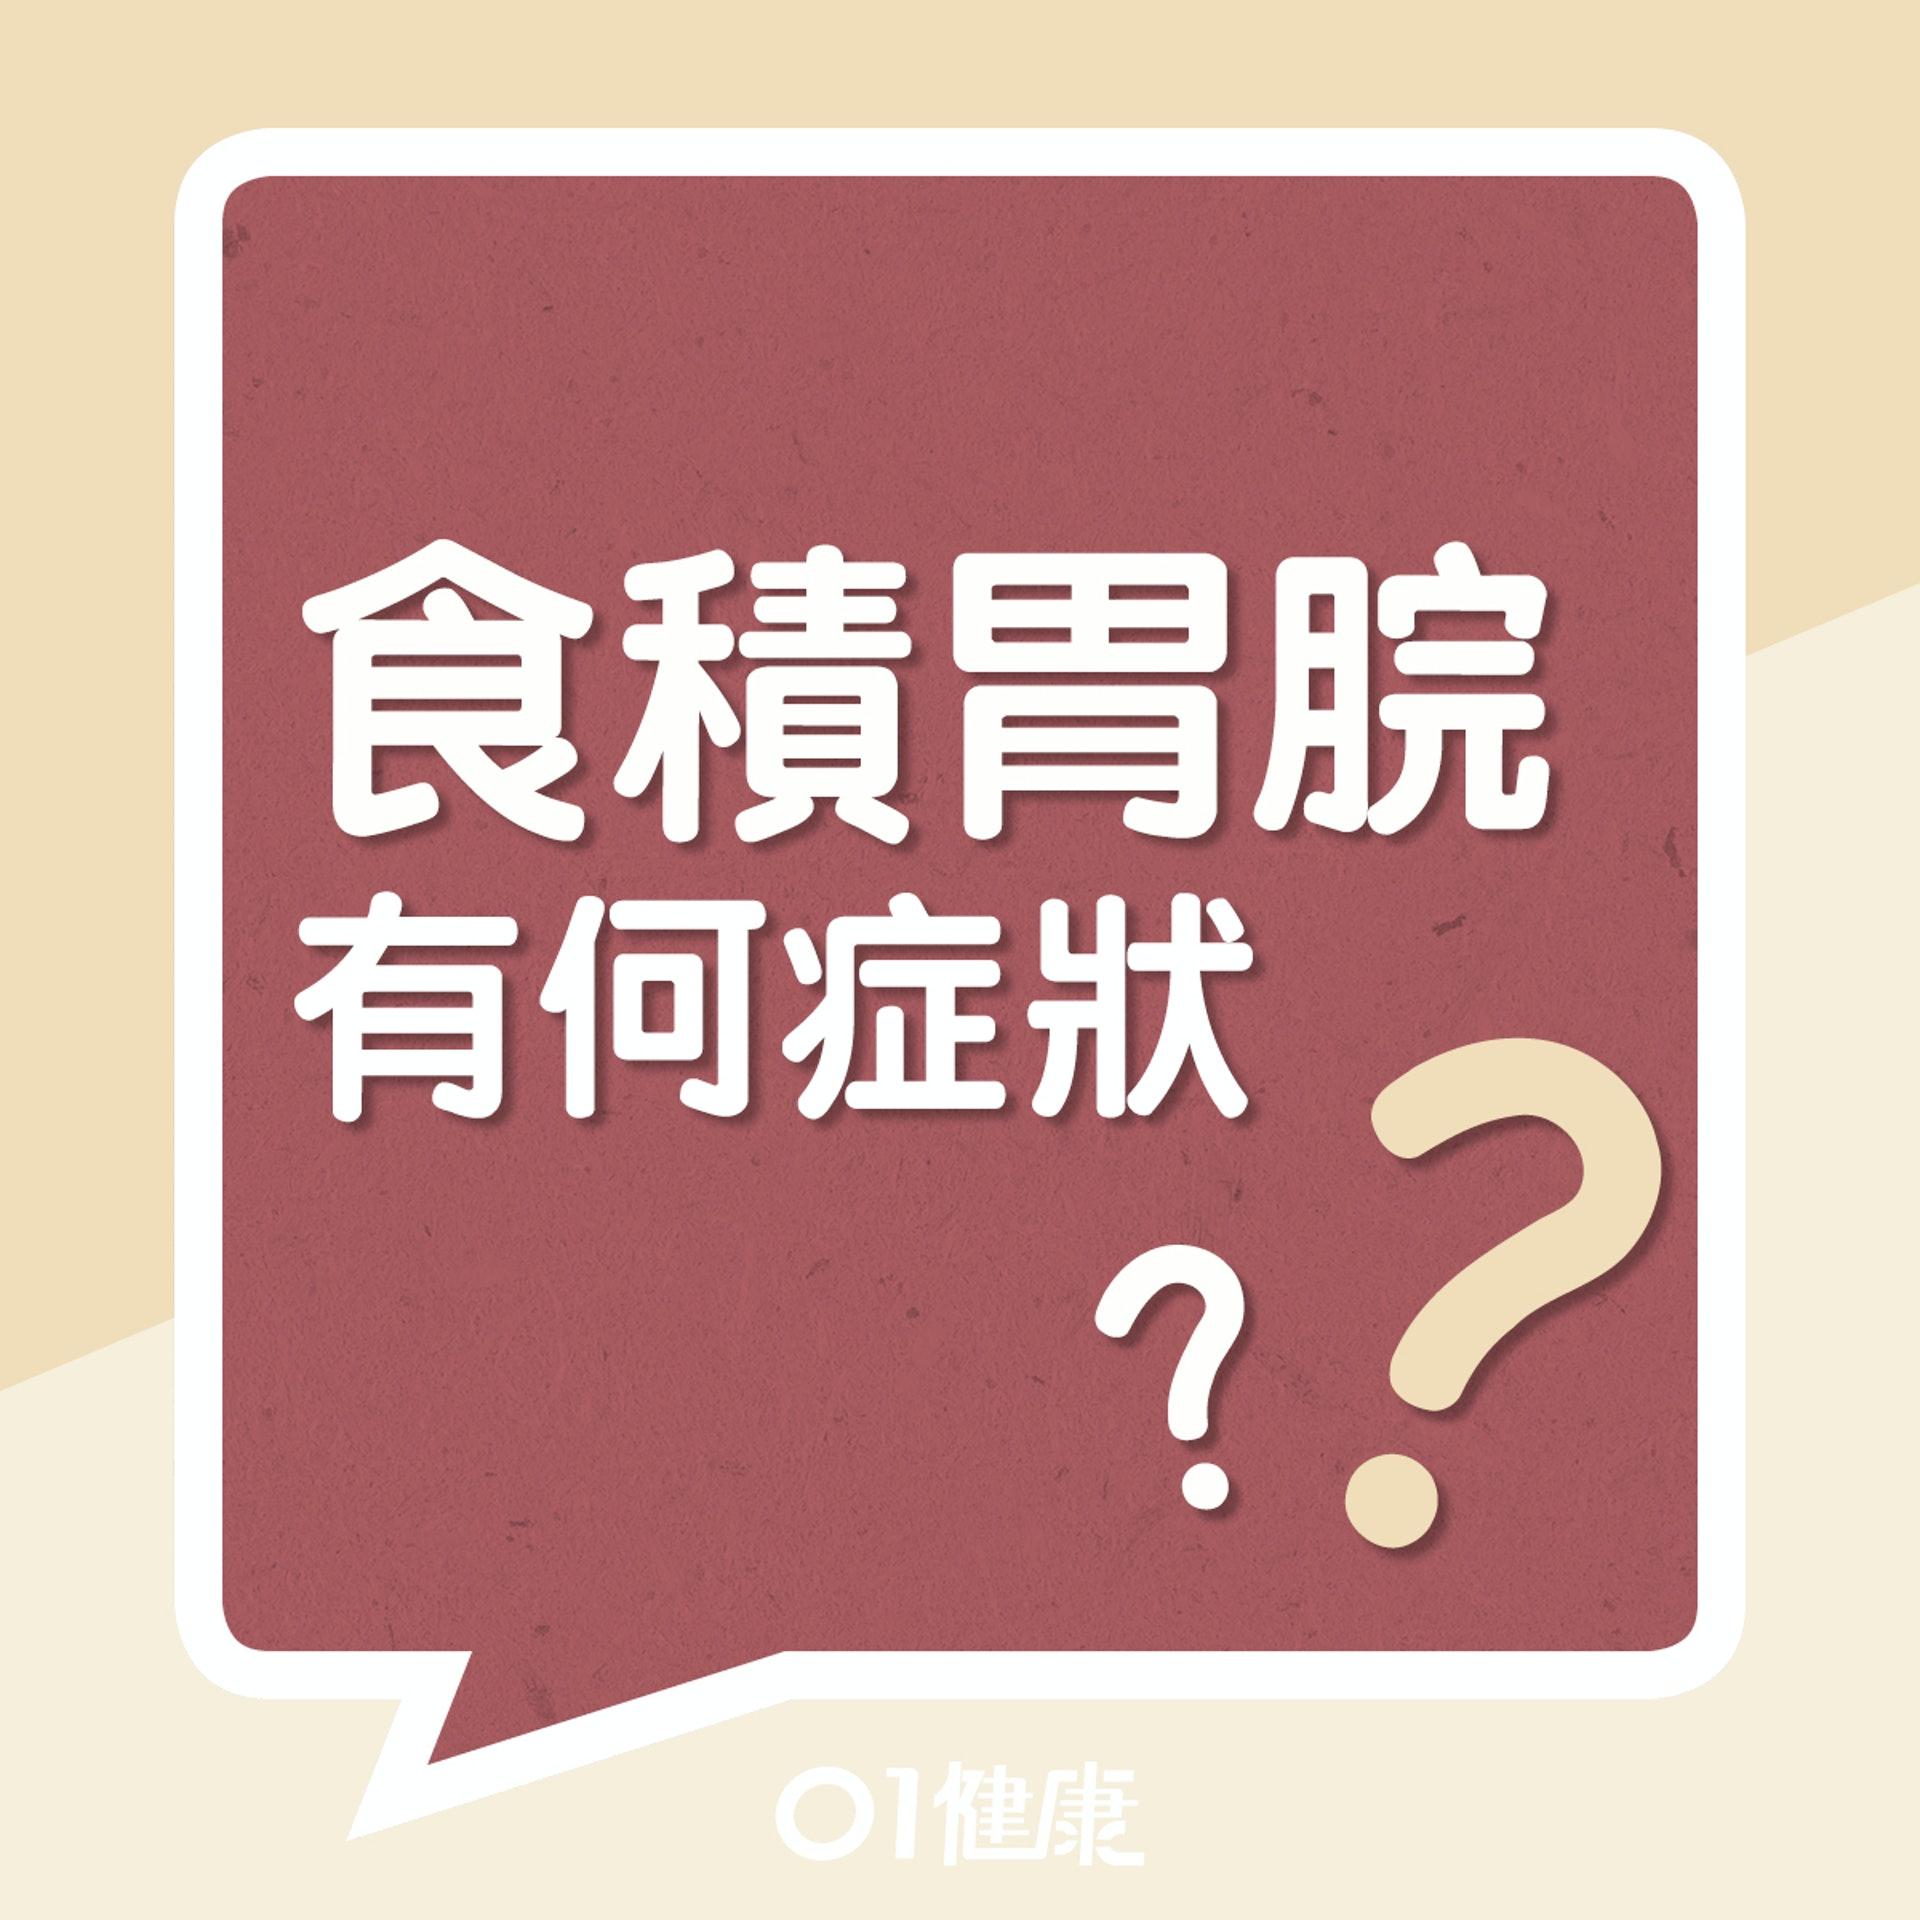 食積胃脘有什麼症狀?(01製圖)